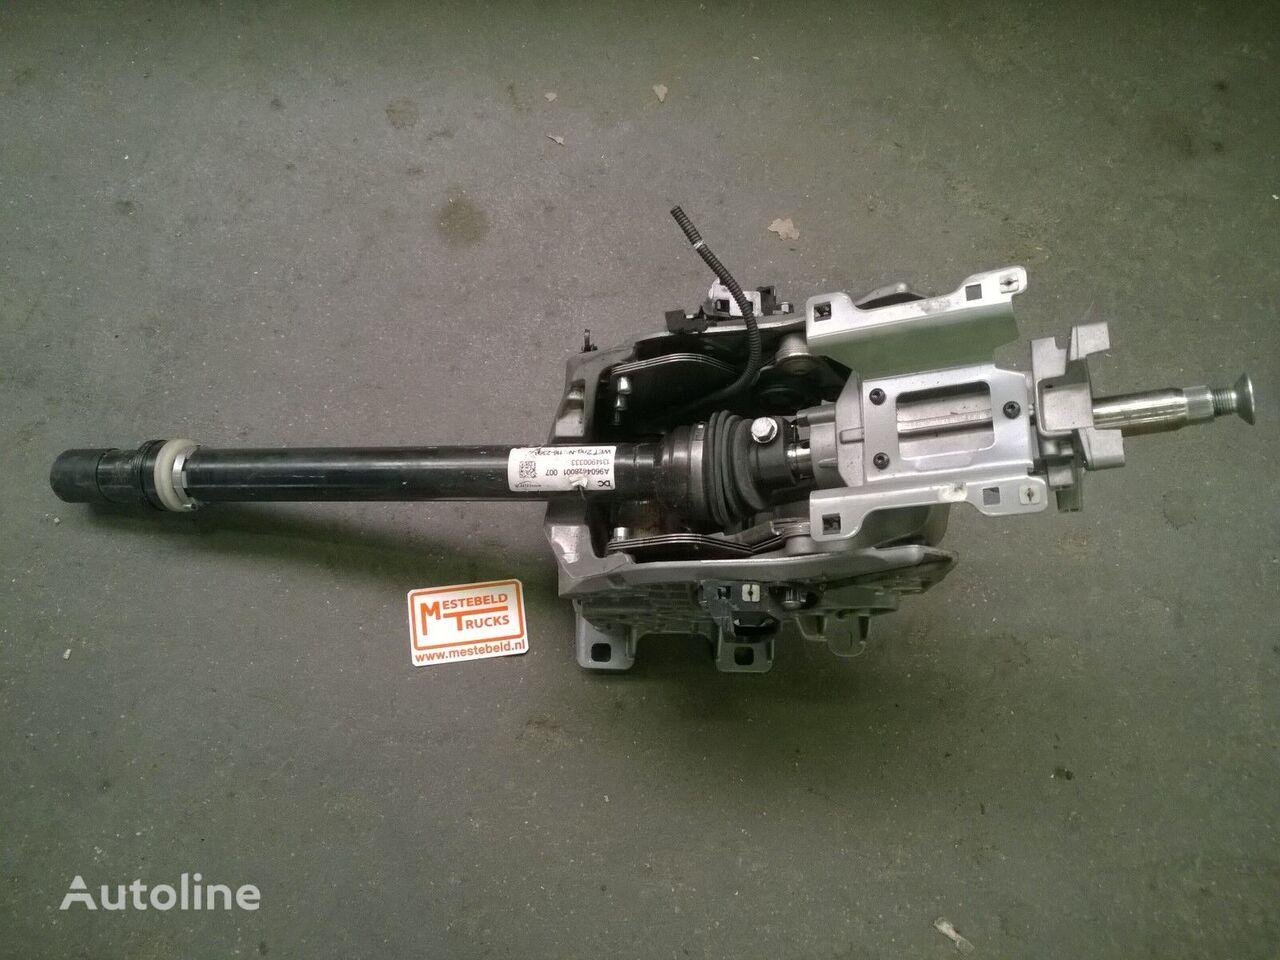 кормилна кутия  Stuurkolom за камион MERCEDES-BENZ Stuurkolom MP4